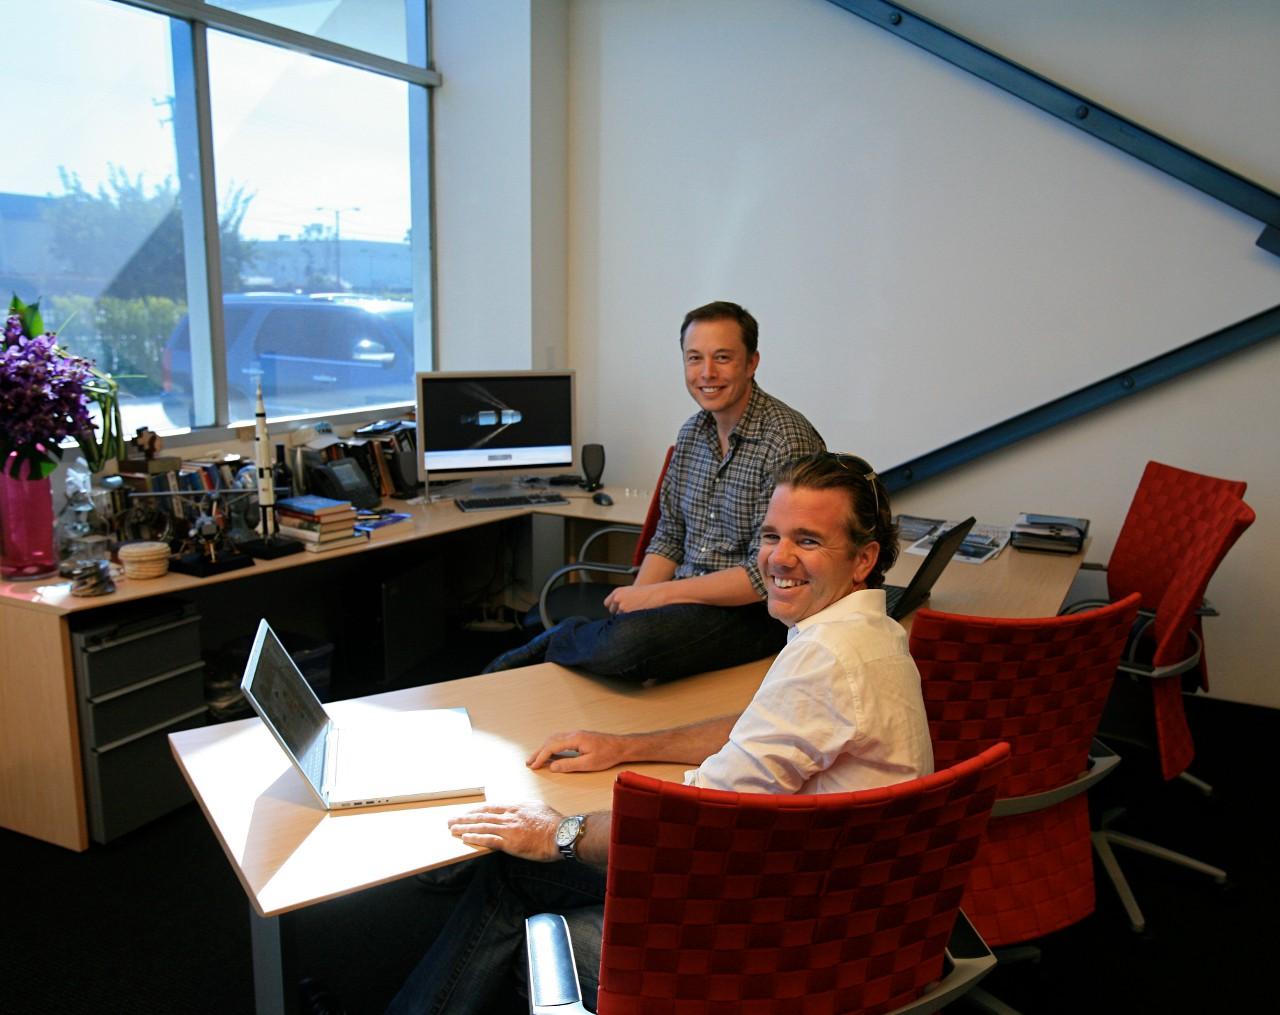 Маск не стесняется сообщать живописные подробности из ранних лет своей бизнес-биографии. Он пробовал пробиться в Netscape, но не получил ответа. Основав же с друзьями PayPal, мылся в благотворительном приюте по соседству с офисом.